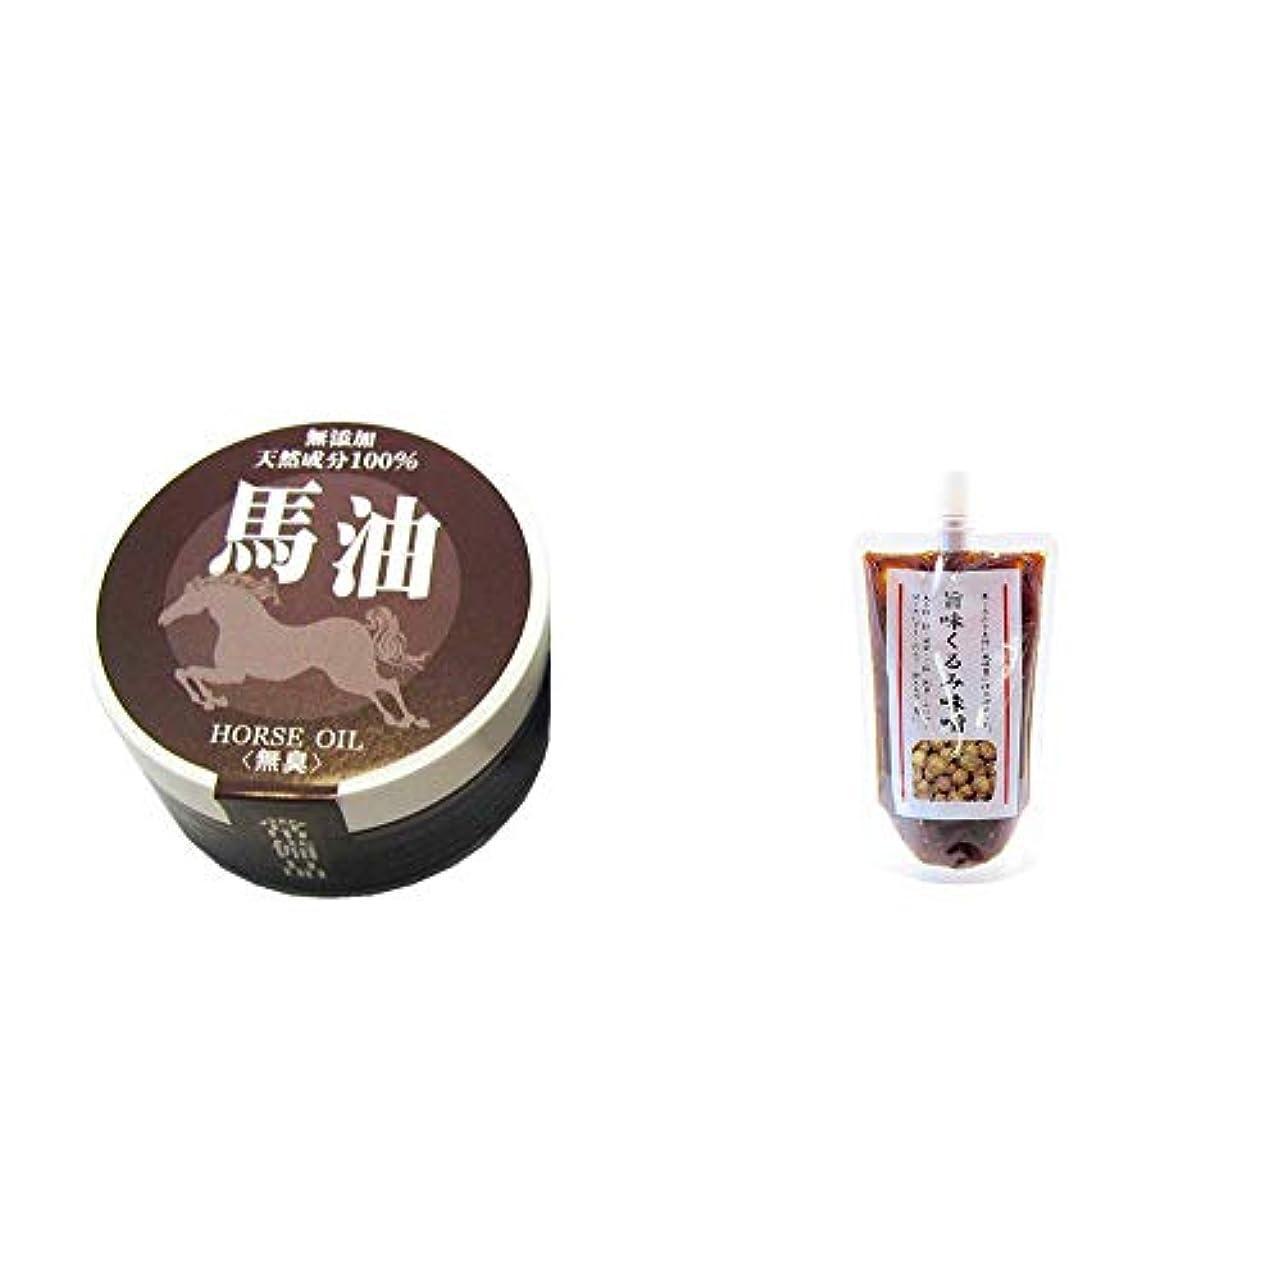 不完全なバターする必要がある[2点セット] 無添加天然成分100% 馬油[無香料](38g)?旨味くるみ味噌(260g)